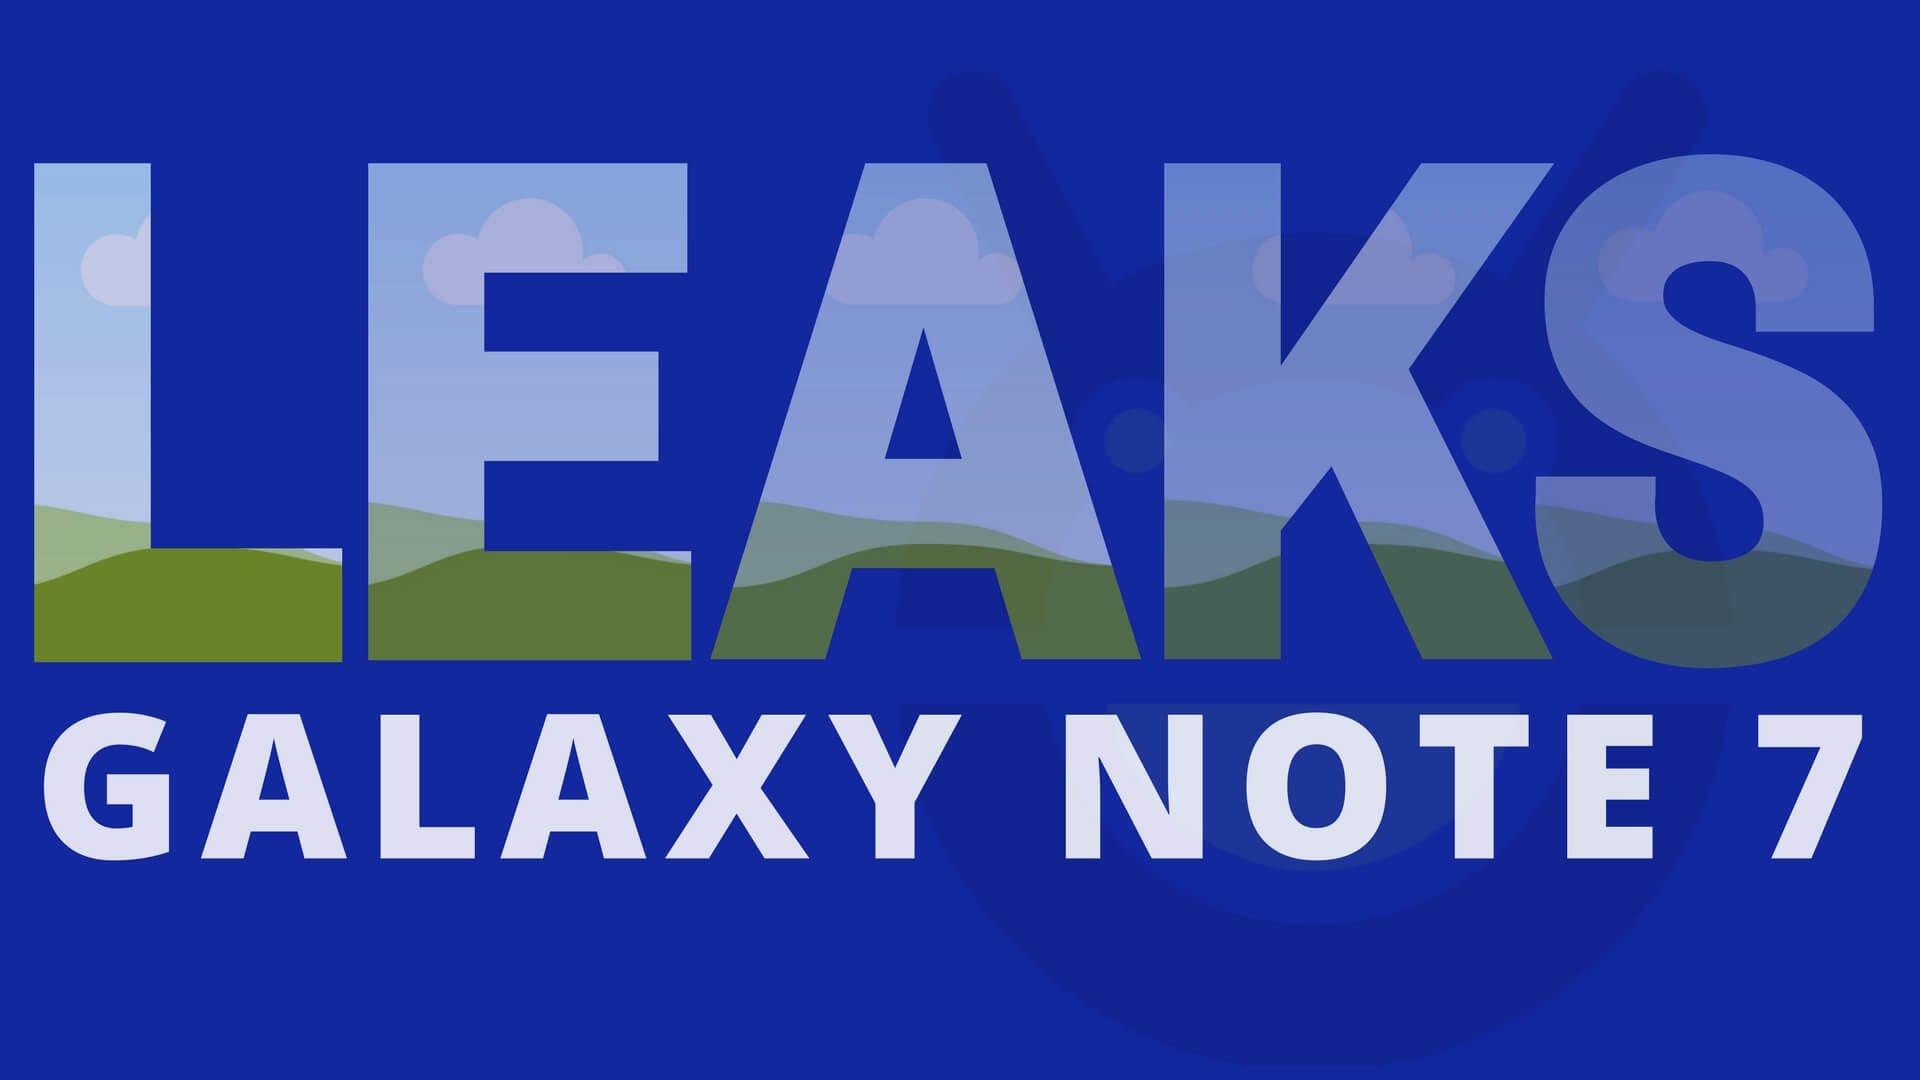 Samsung dementiert Galaxy Note 7 Neuauflage